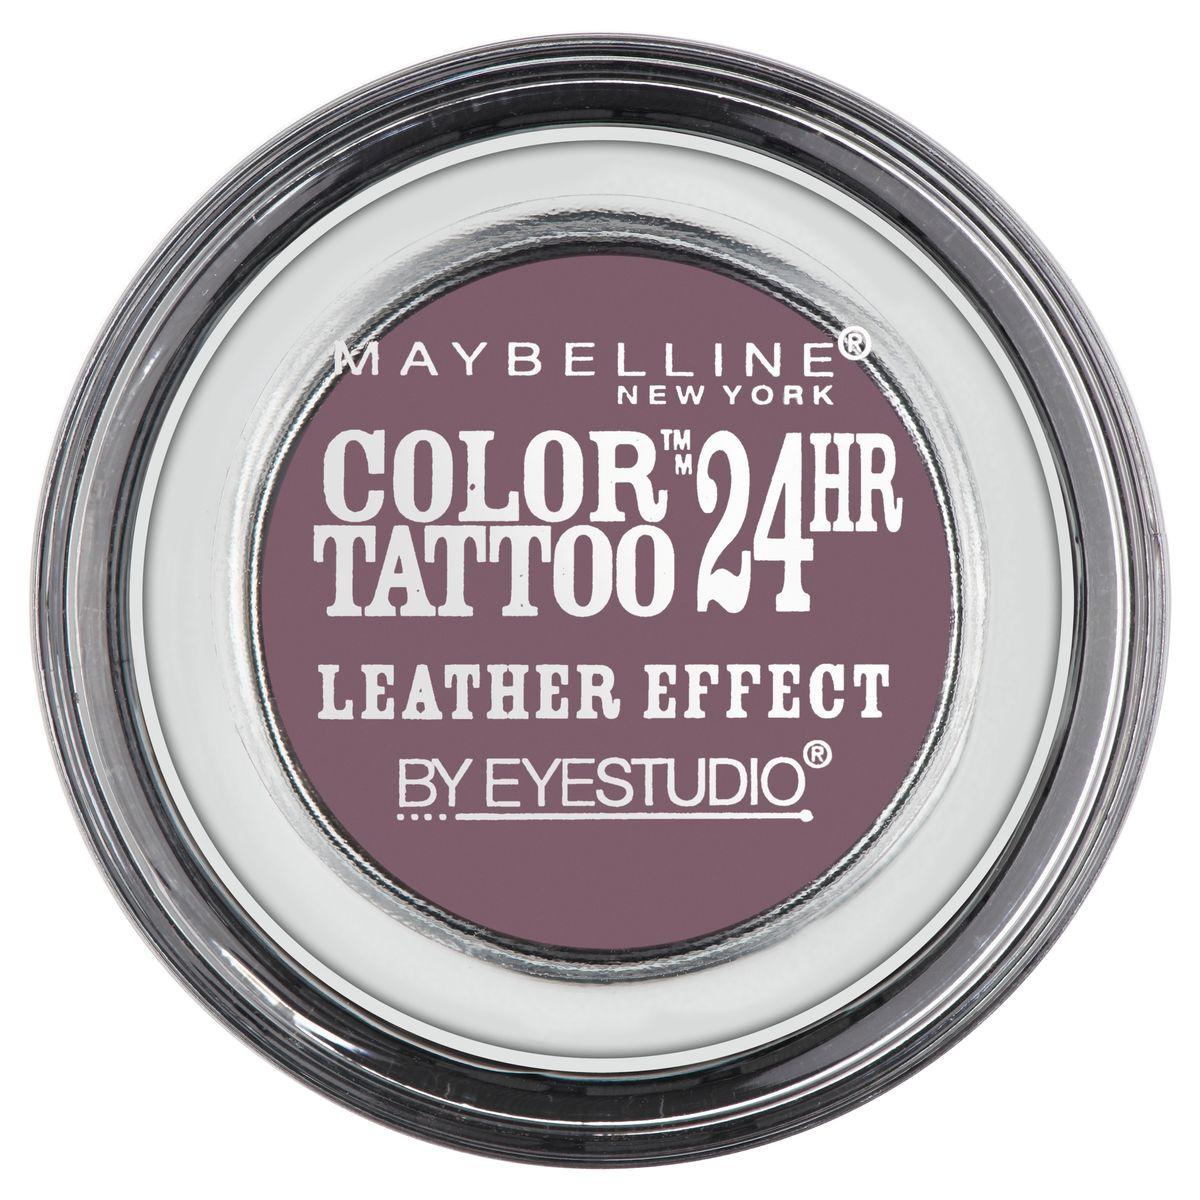 Maybelline New York Тени для век Color Tattoo, оттенок 97, Сливовый десерт, 4 мл28032022Технология тату-пигментов создает яркий, супернасыщенный цвет. Крем-гелевая текстура обеспечивает ультралегкое нанесение и стойкость на 24 часа.